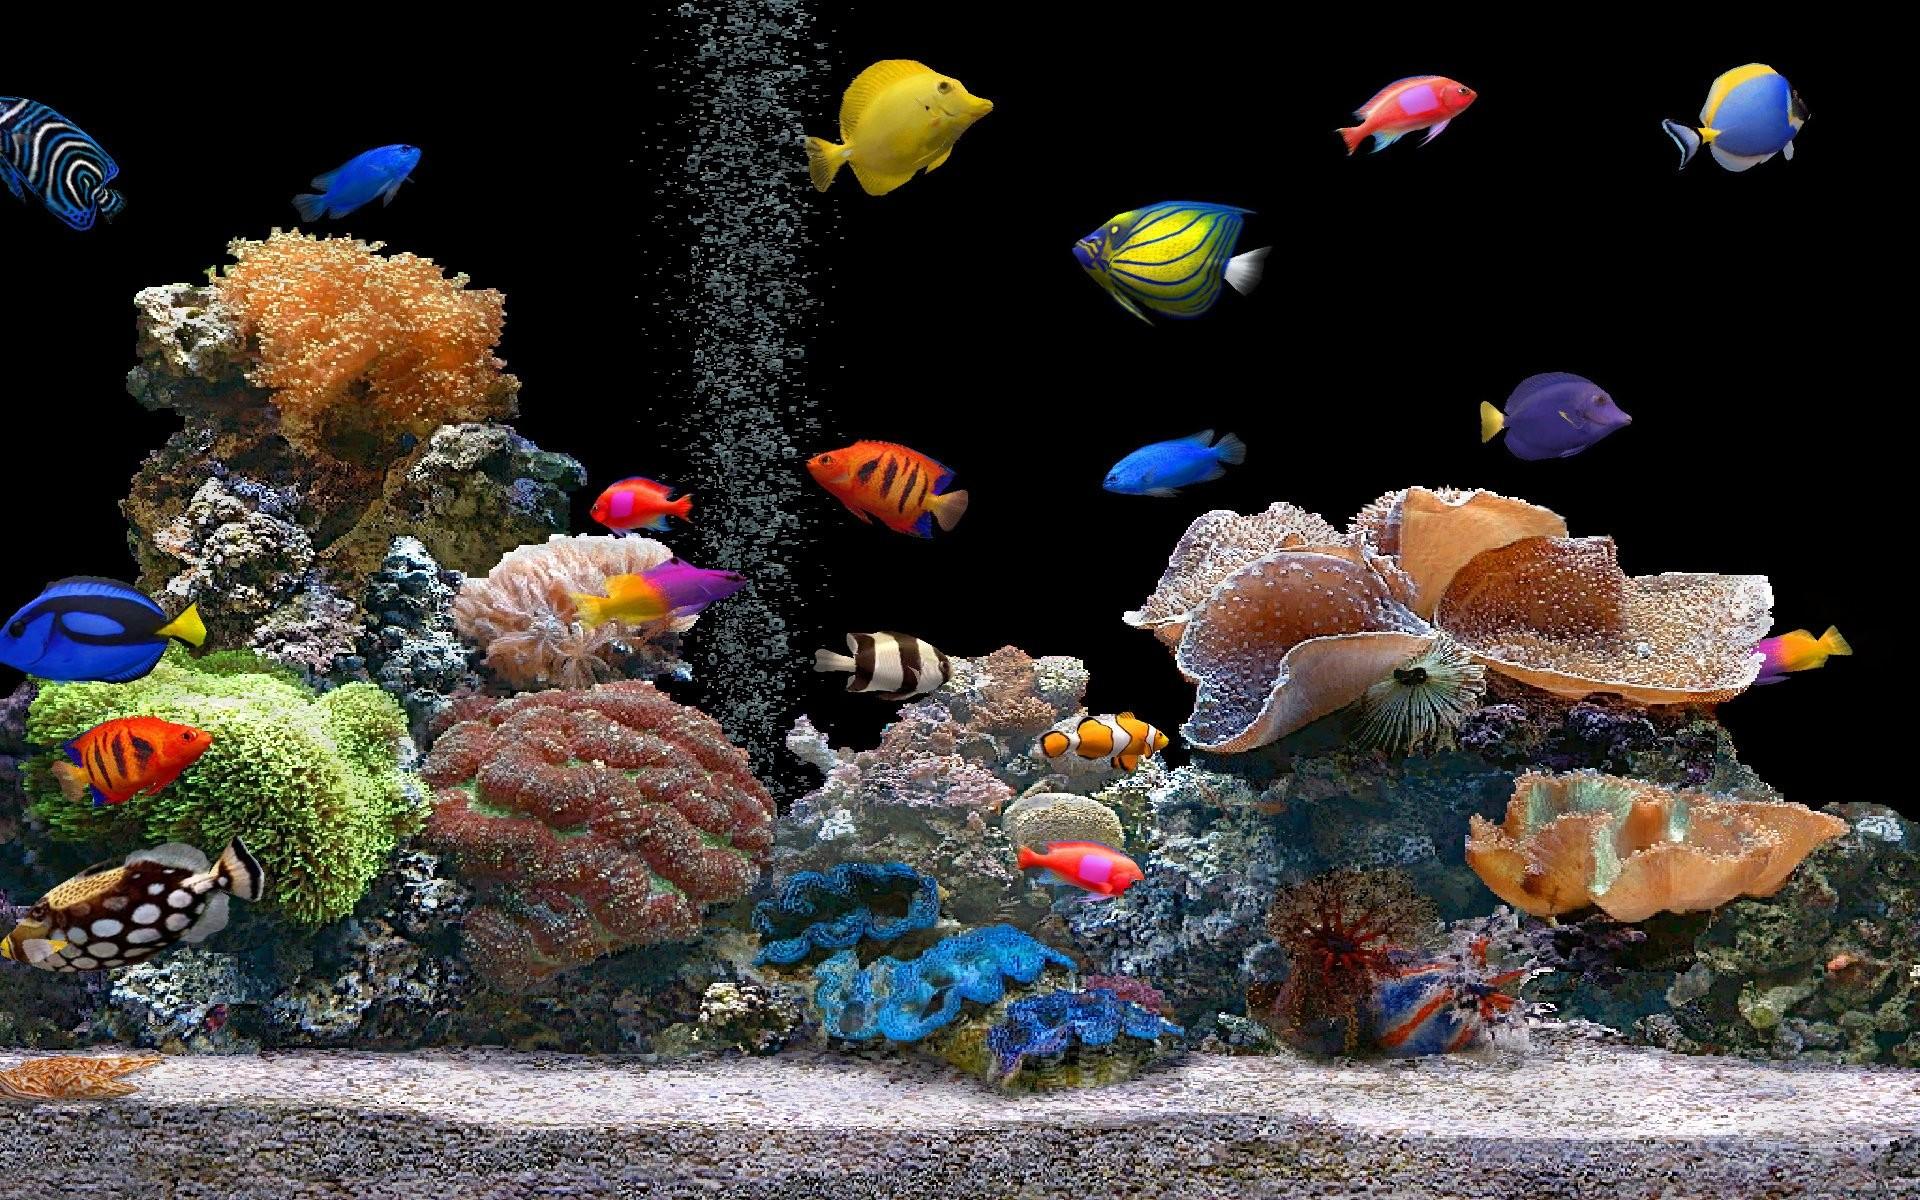 Aquarium Colorful Screensavers wallpapers HD free – 138274